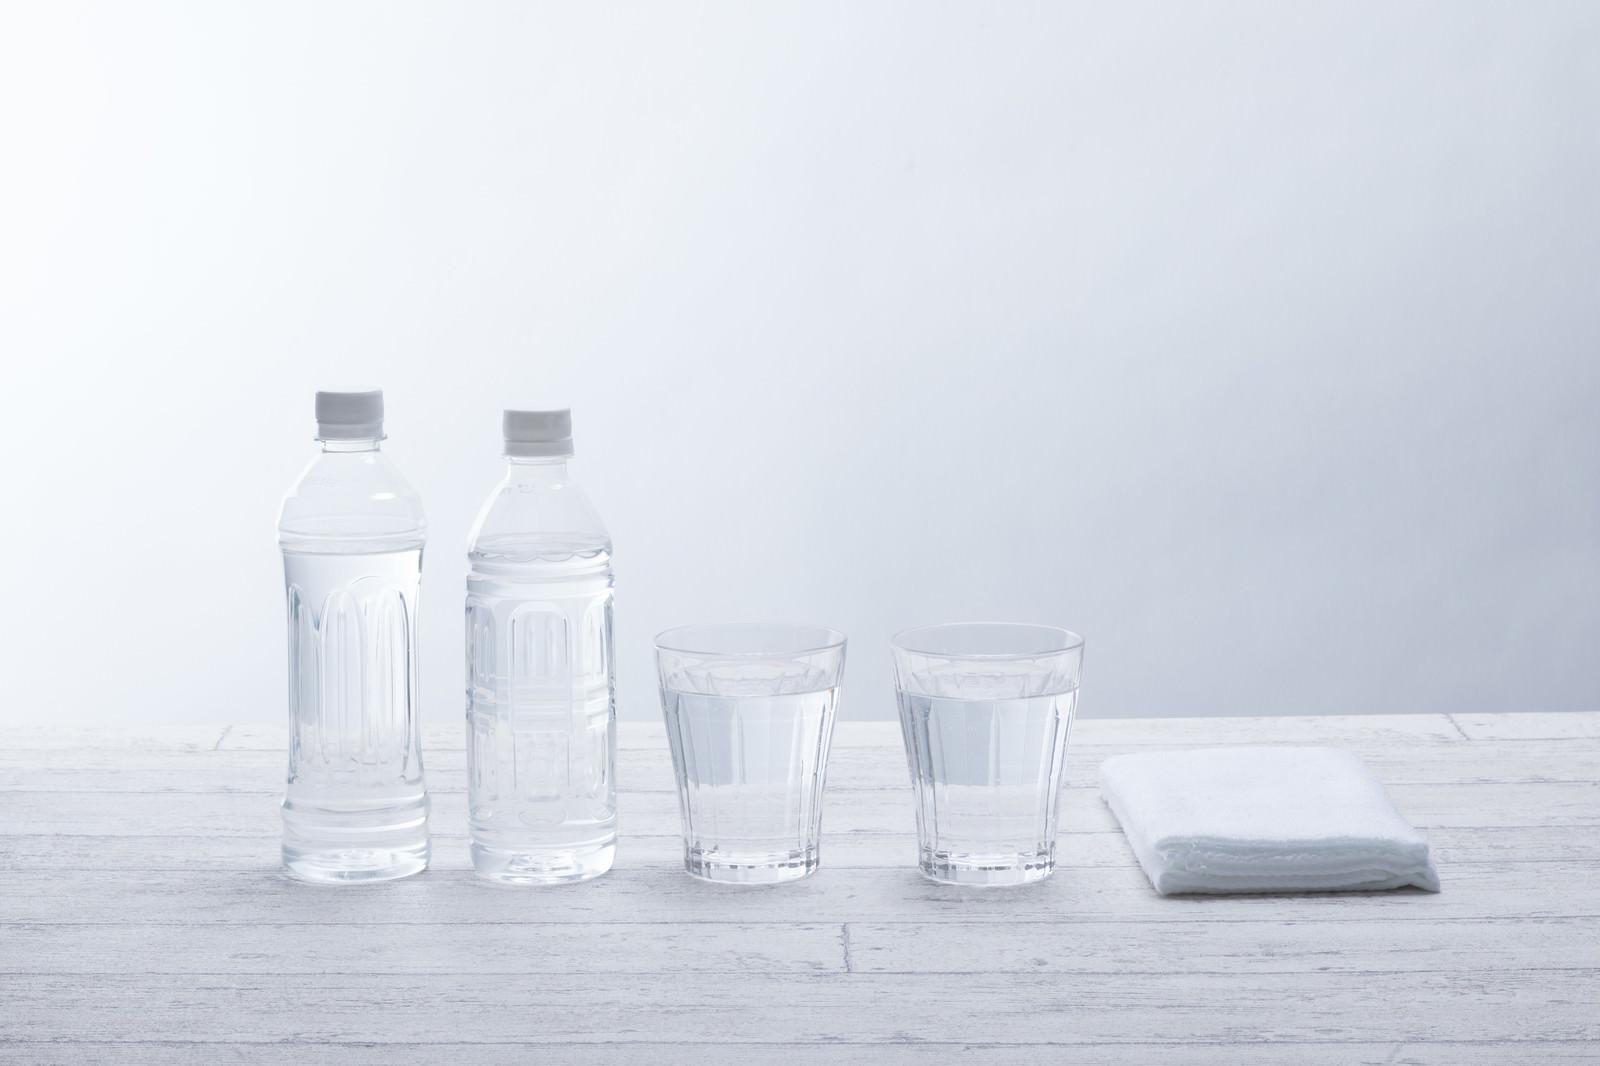 「ペットボトル2本とグラスの水」の写真